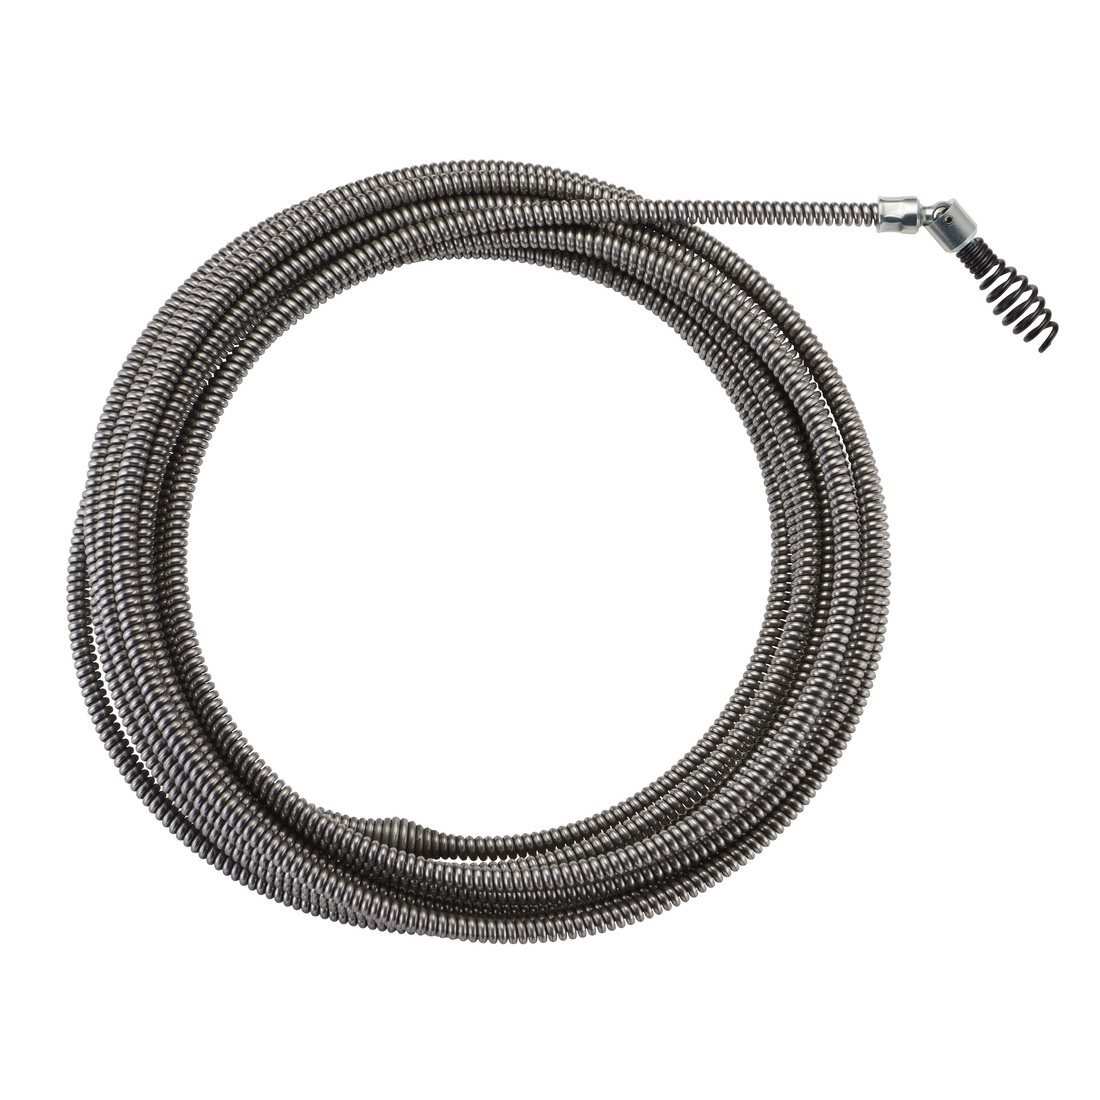 Drop Head Cable 7.9mm x 76m